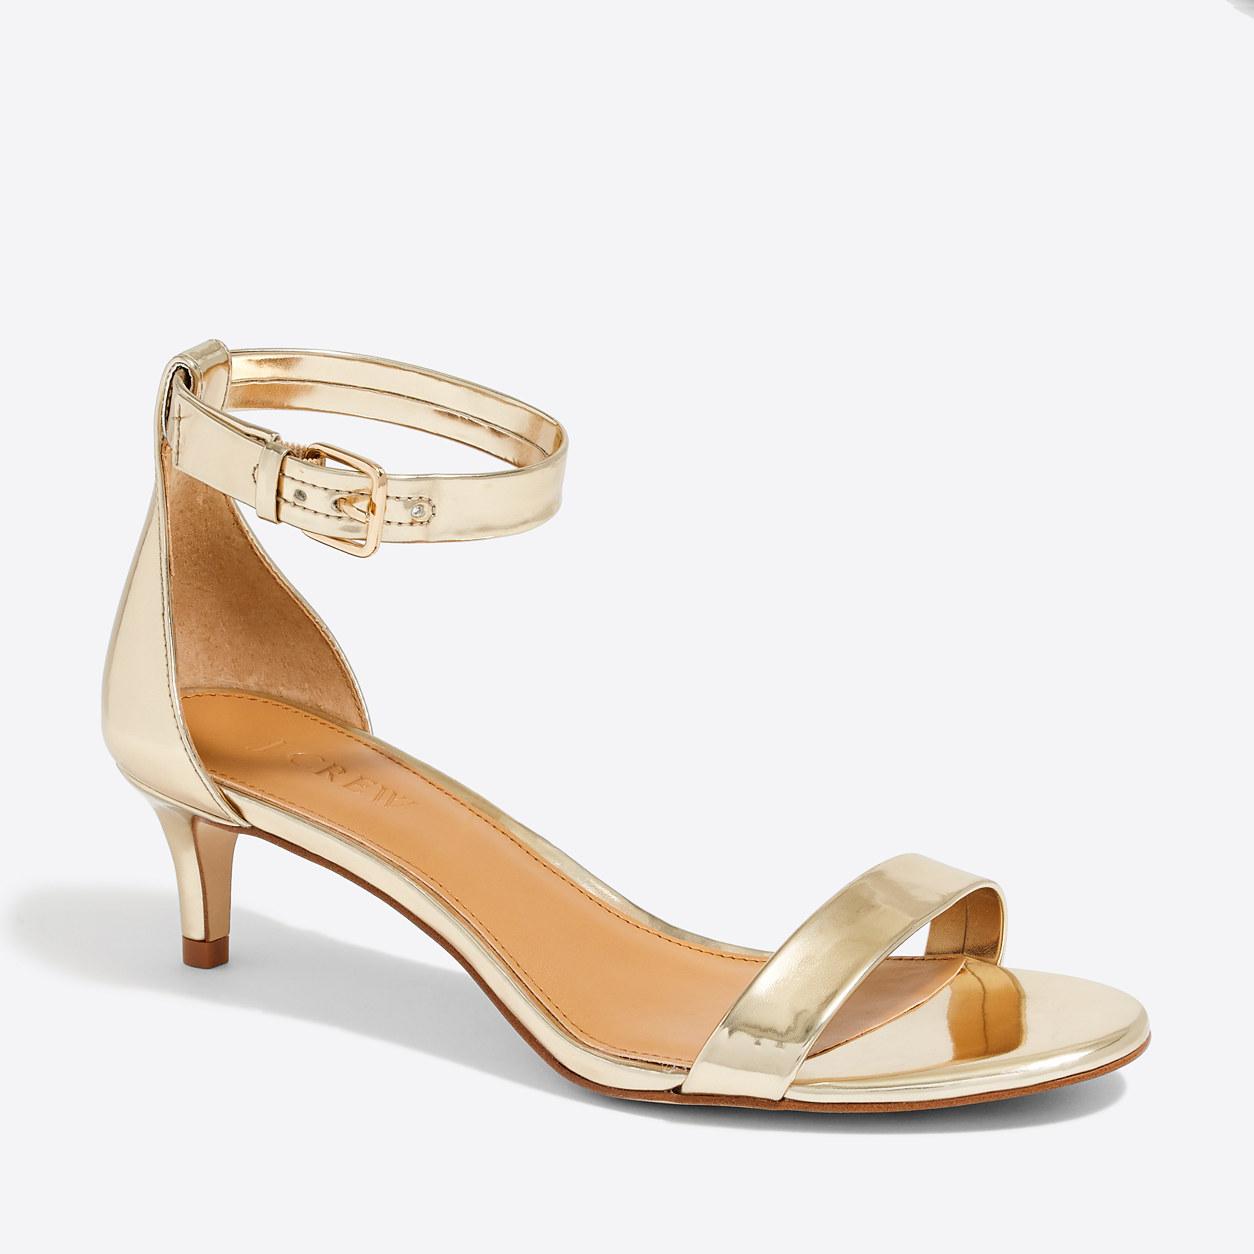 Esme metallic kitten heels : Heels | J.Crew Factory